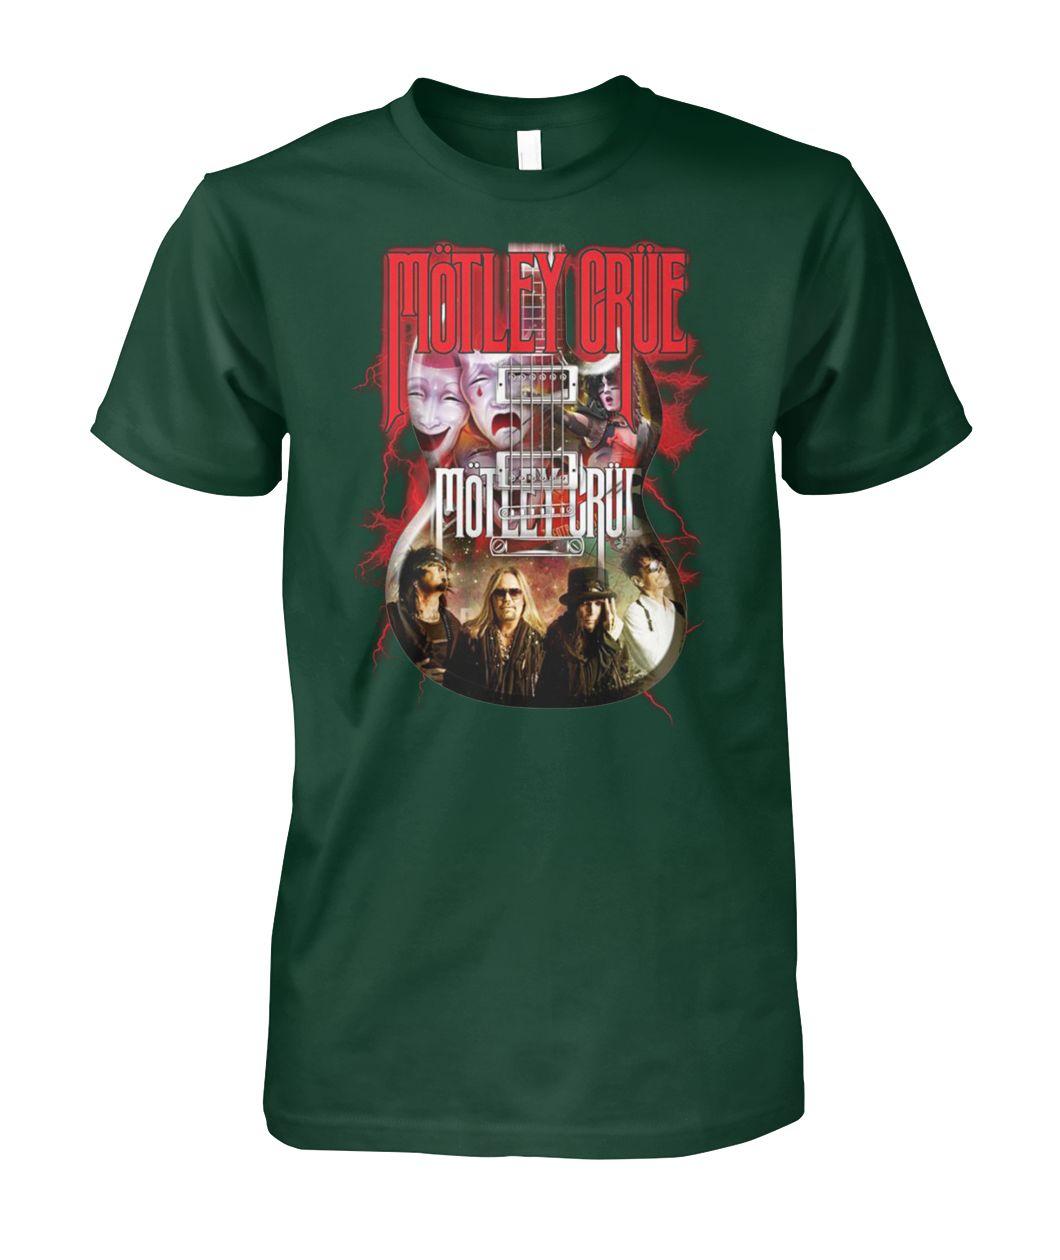 [Hot version] Motley crue guitar shirt